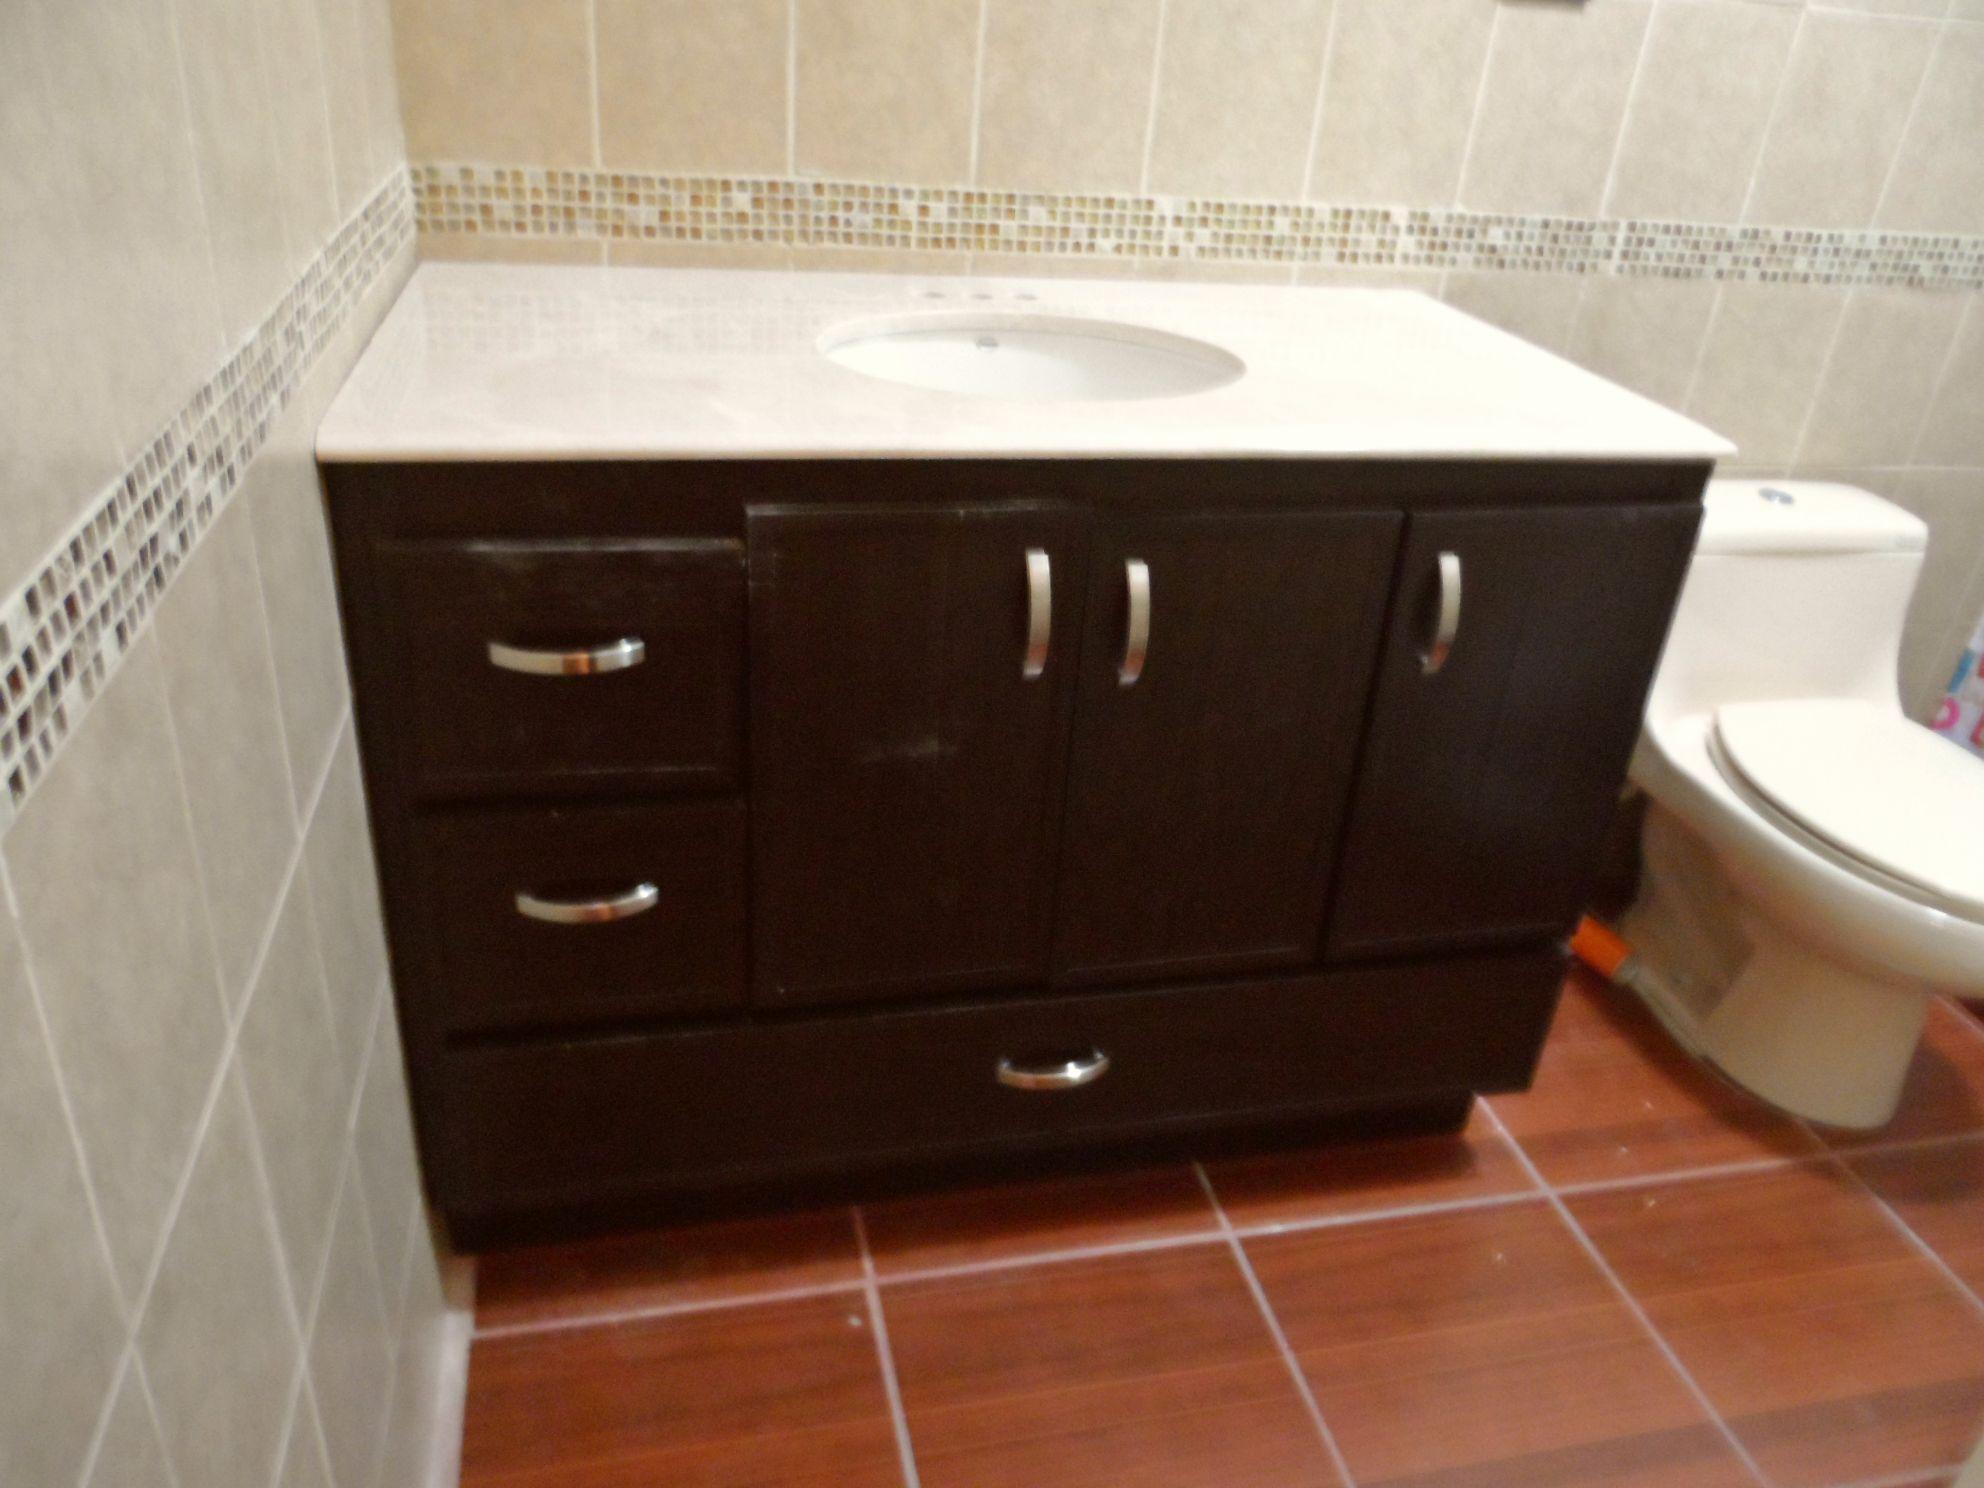 Plastic Bathroom Cabinet 3 Door Drawers